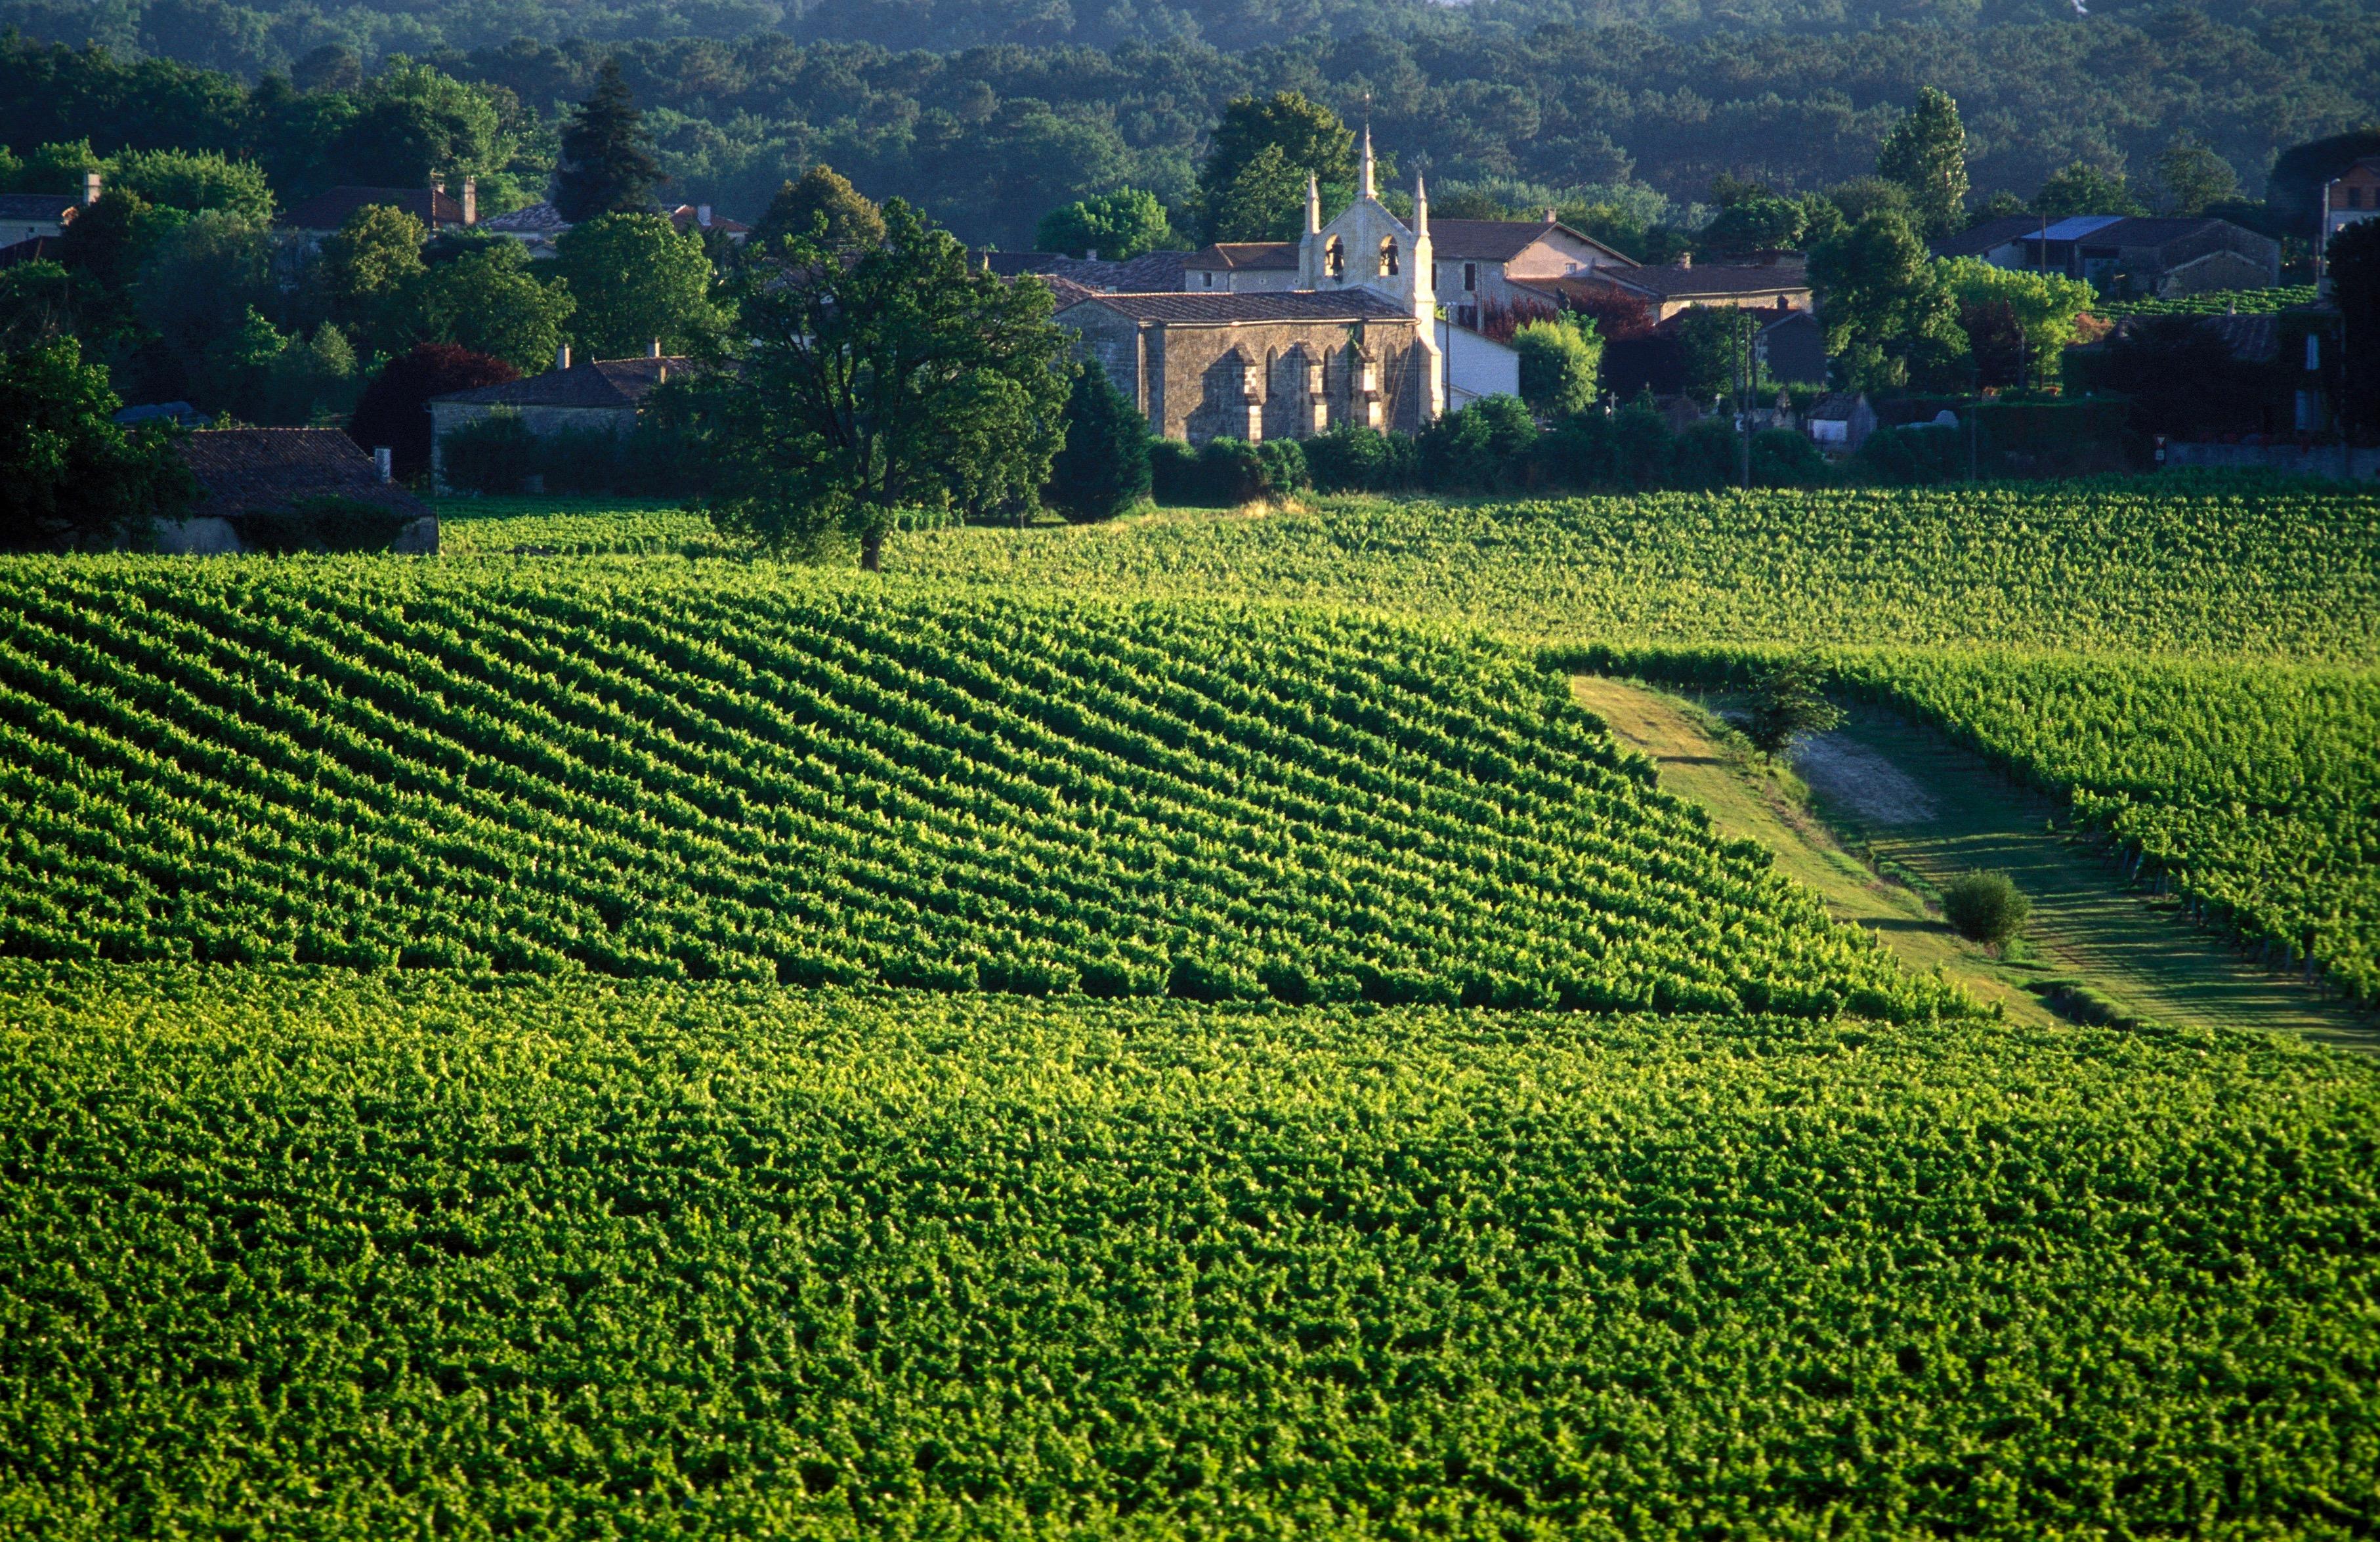 https://www.tempslibremagazine.com/wp-content/uploads/2016/01/BordeauxTourism_ChateauxSites2008_5-1.jpg